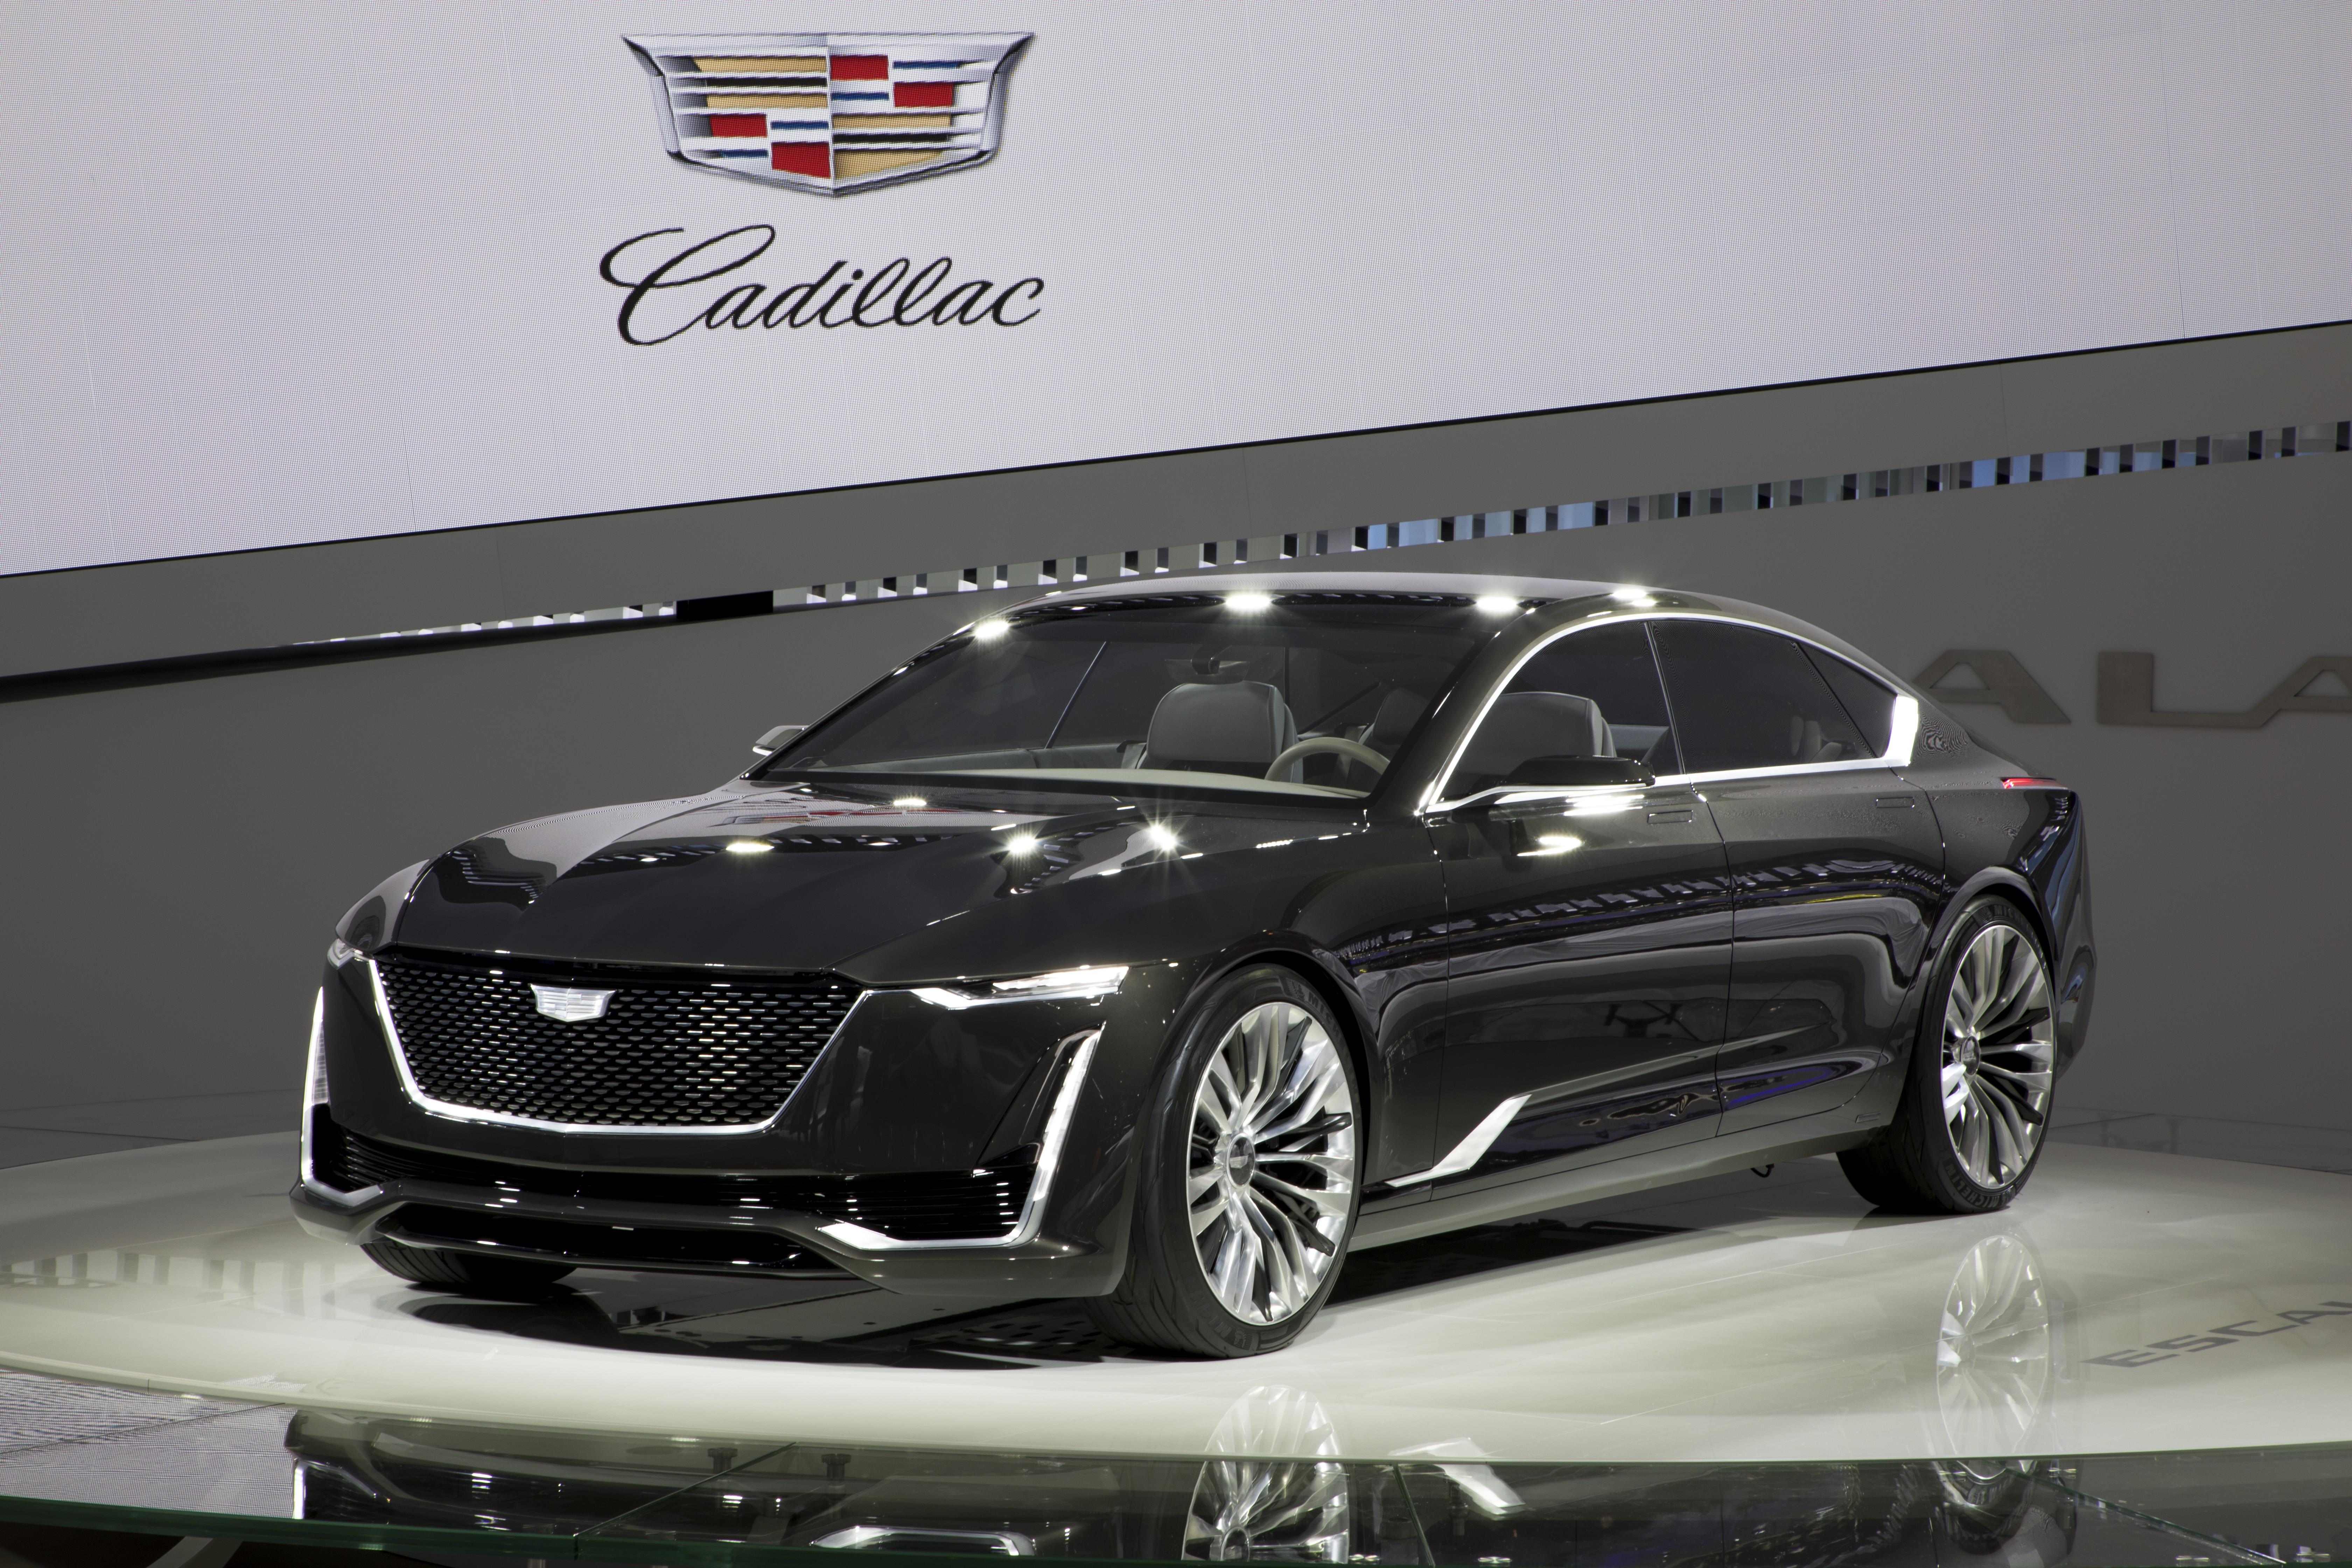 Cadillac concept 2017